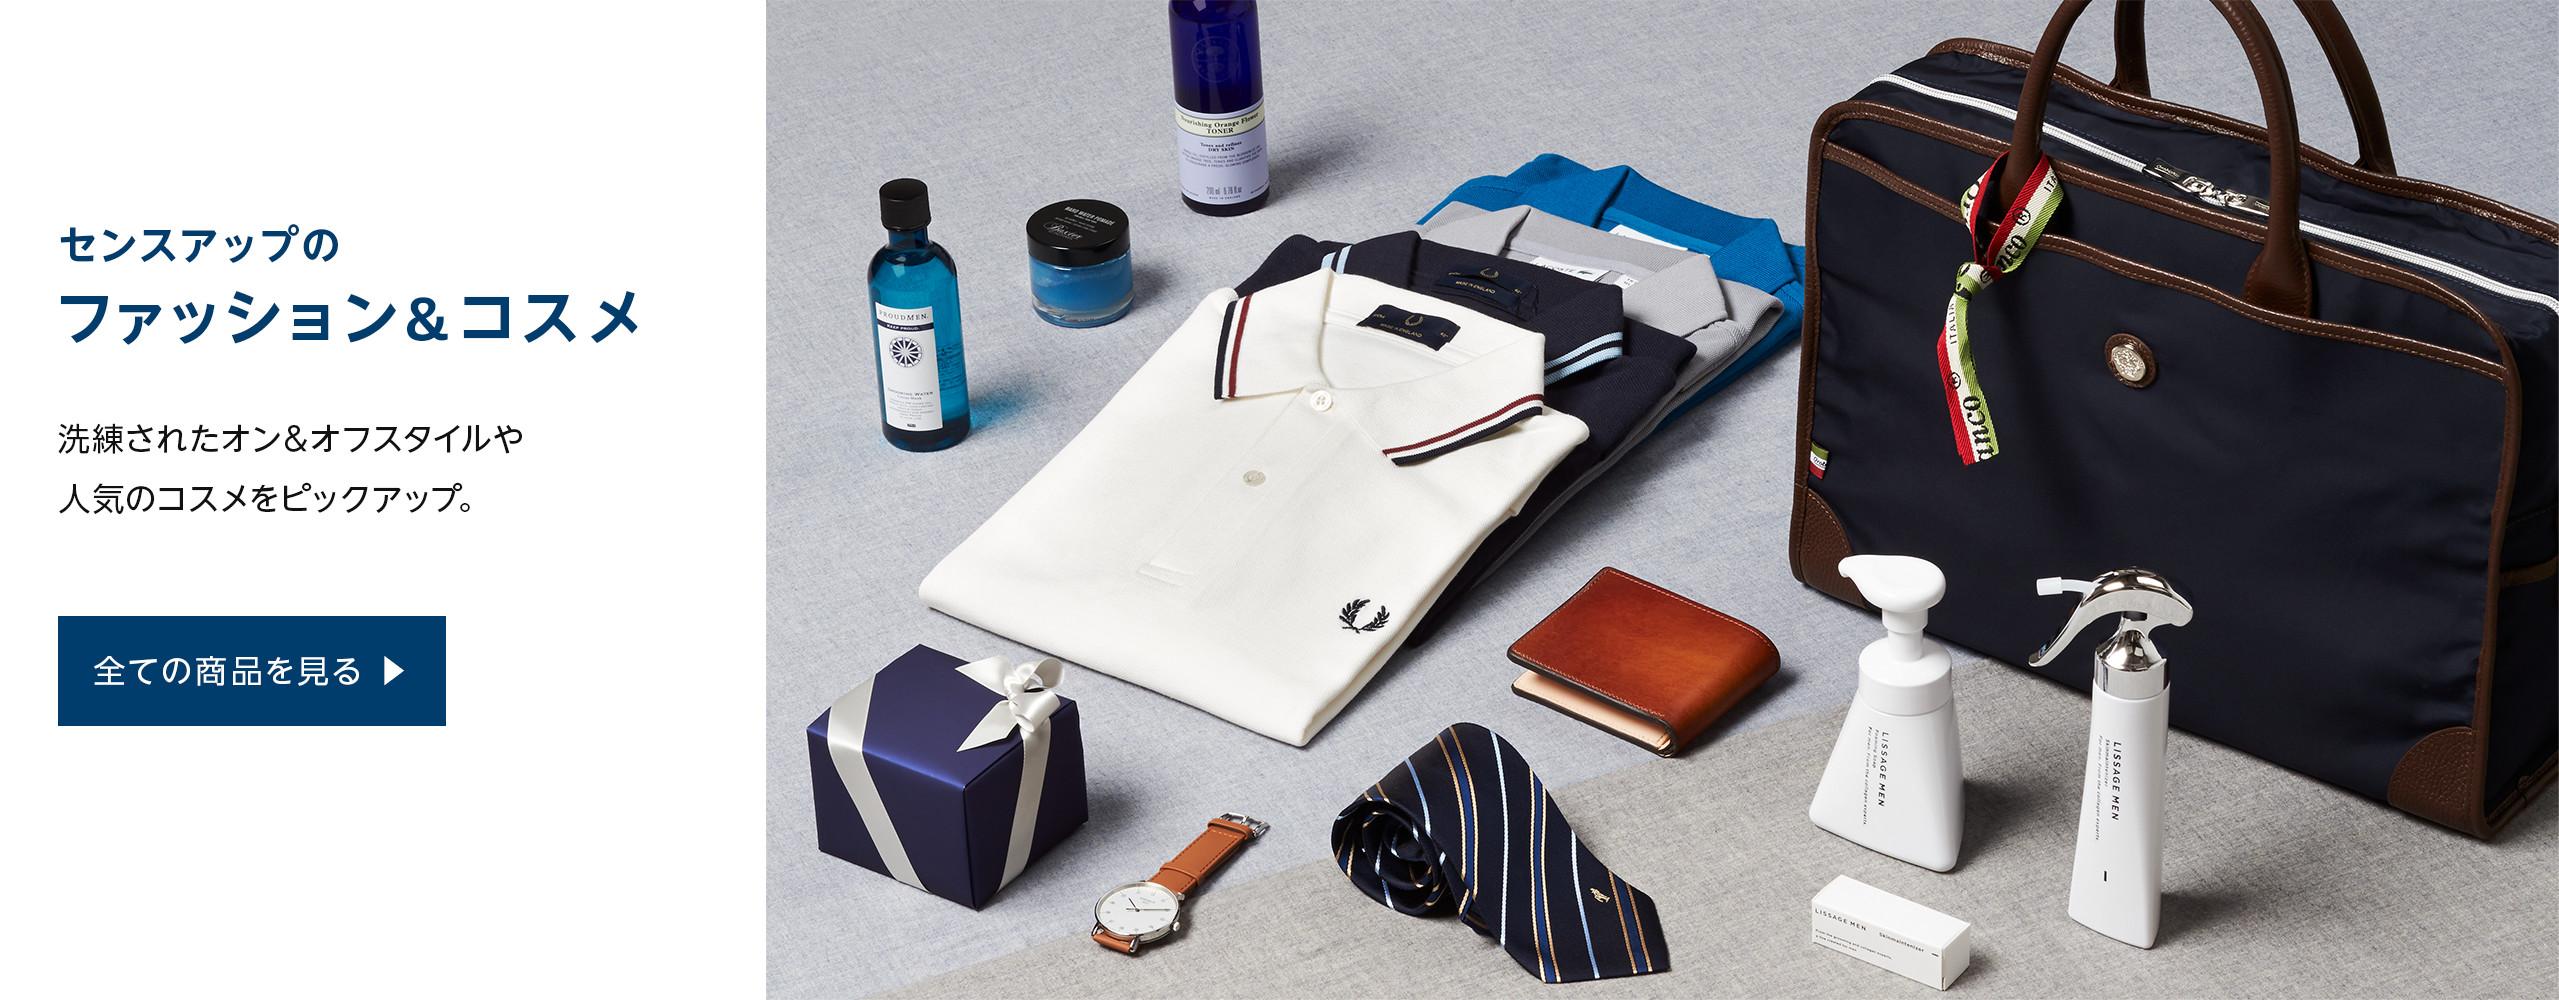 センスアップのファッション&コスメ 洗練されたオン&オフスタイルや人気のコスメをピックアップ